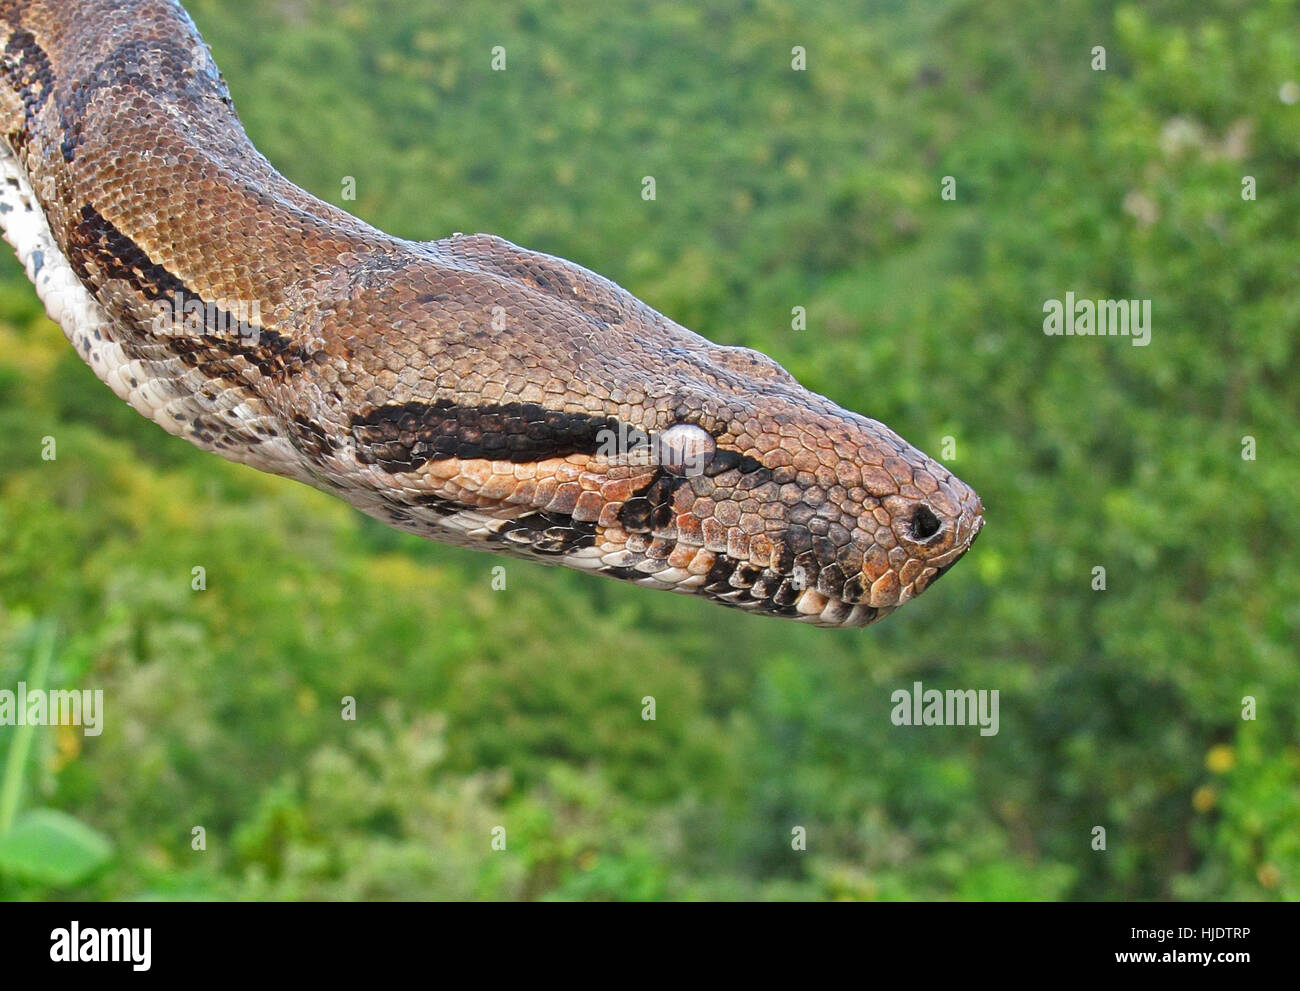 Boa Constrictor (Boa constrictor orphias) cerca de la cabeza, Santa Lucía, Antillas Menores de Diciembre Foto de stock